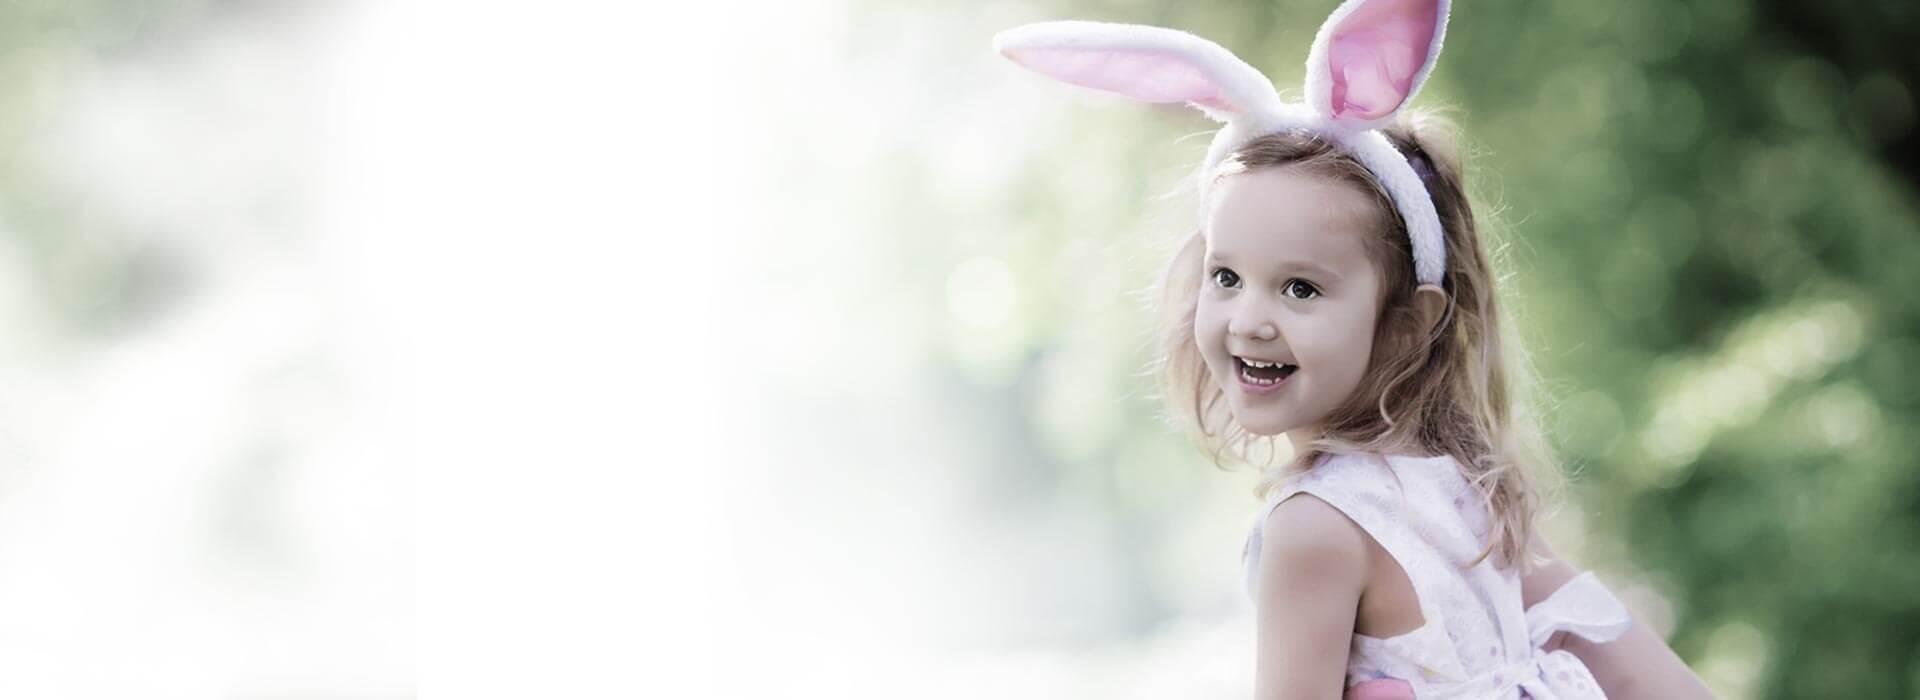 Congenital_hearing-loss_1920x700